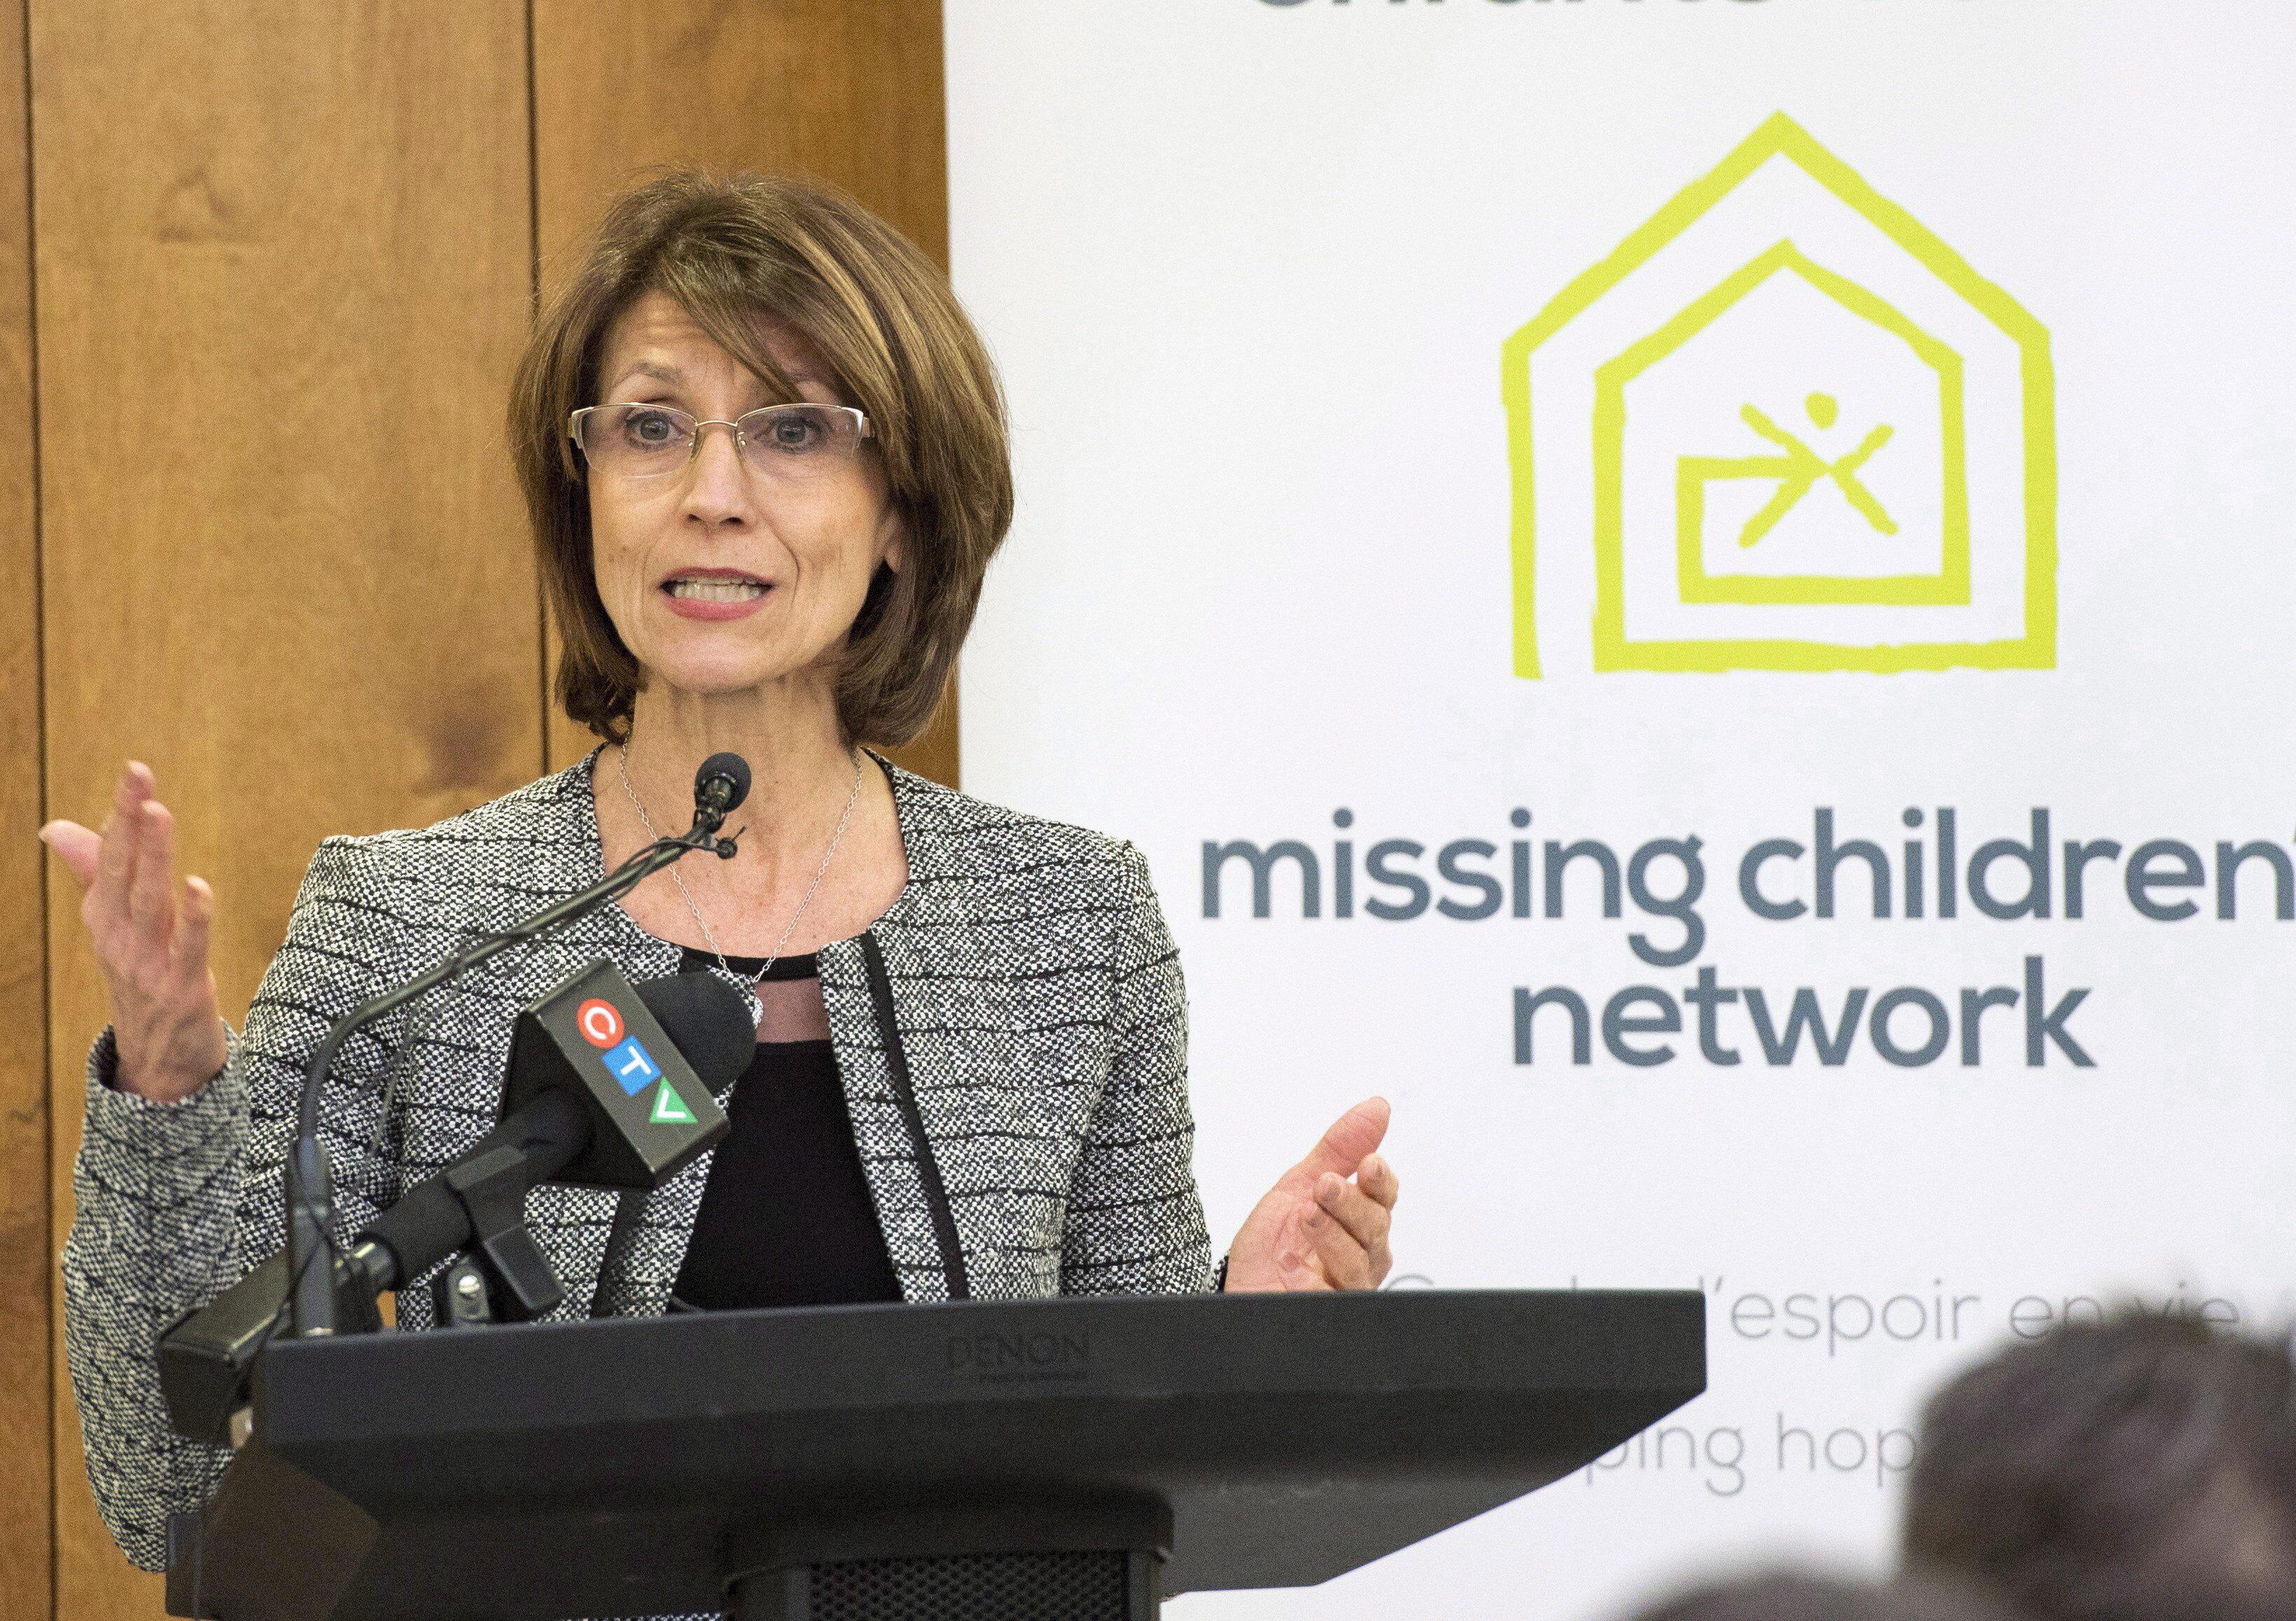 Enfants-Retour relance 35 dossiers d'enfants disparus non